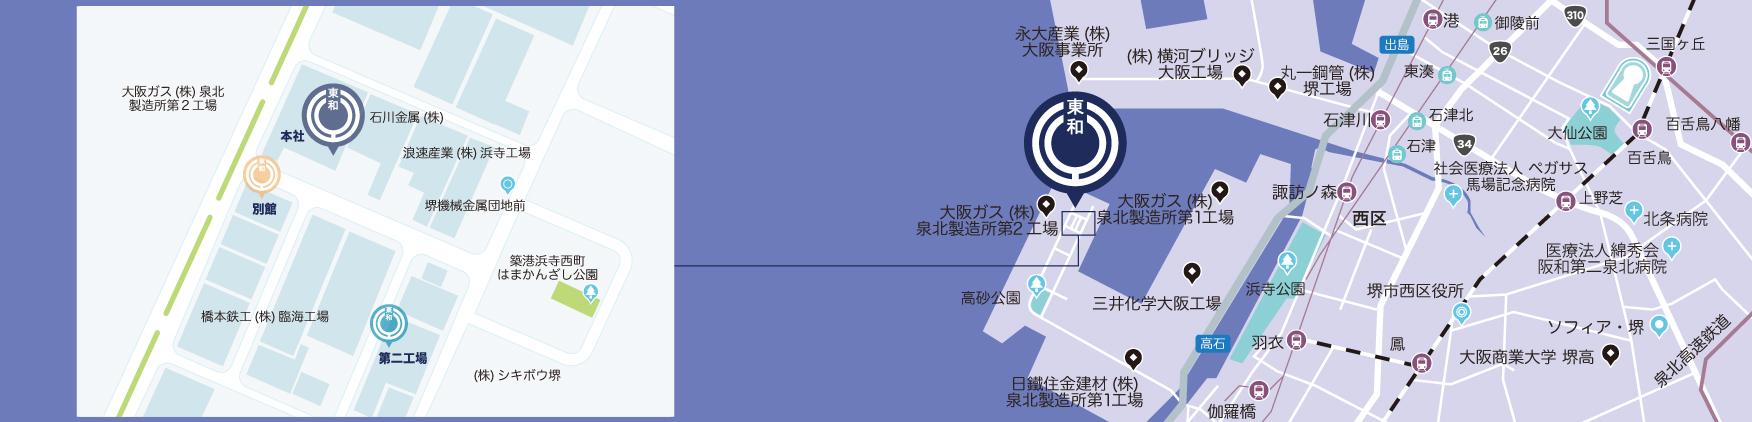 東和工業地図